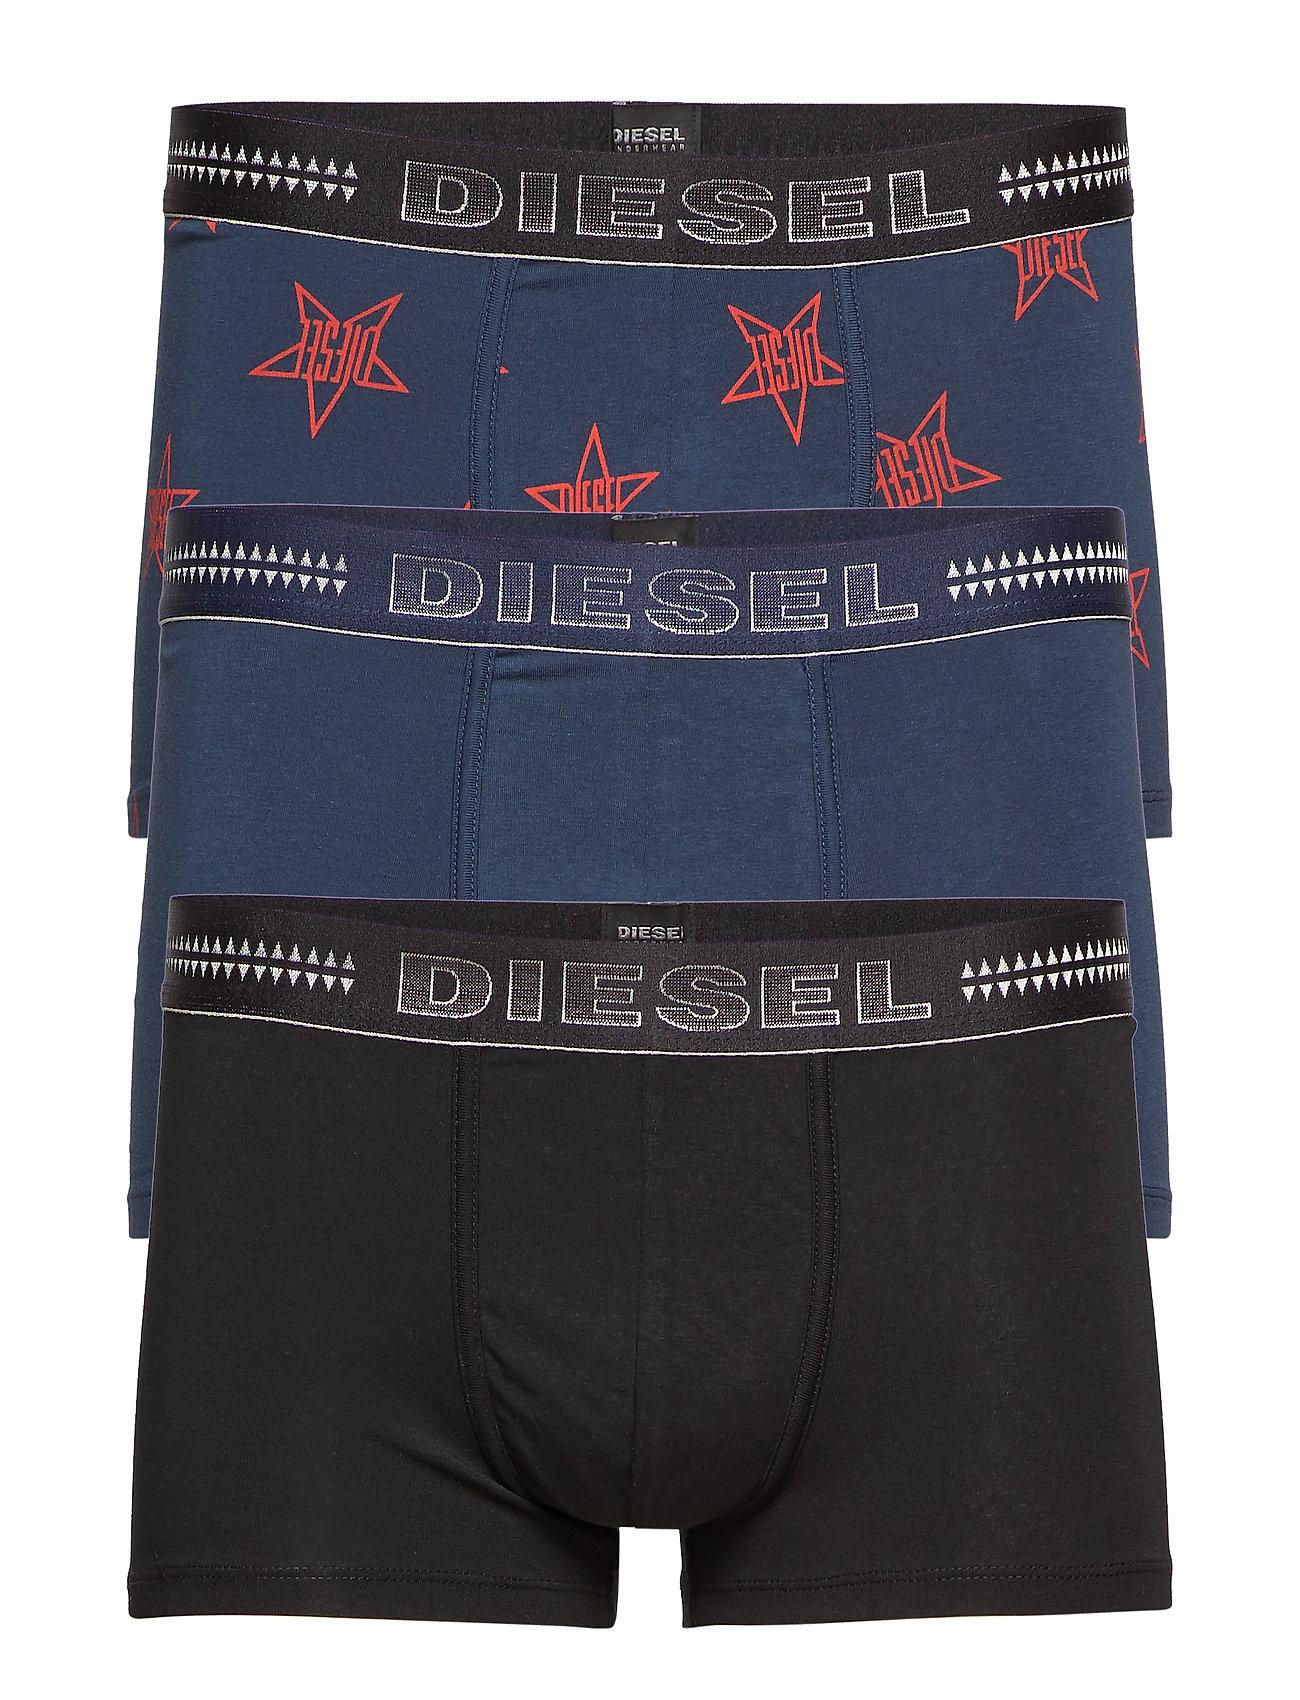 Umbx-Damienthreepack Boxer 3pack - Diesel Men